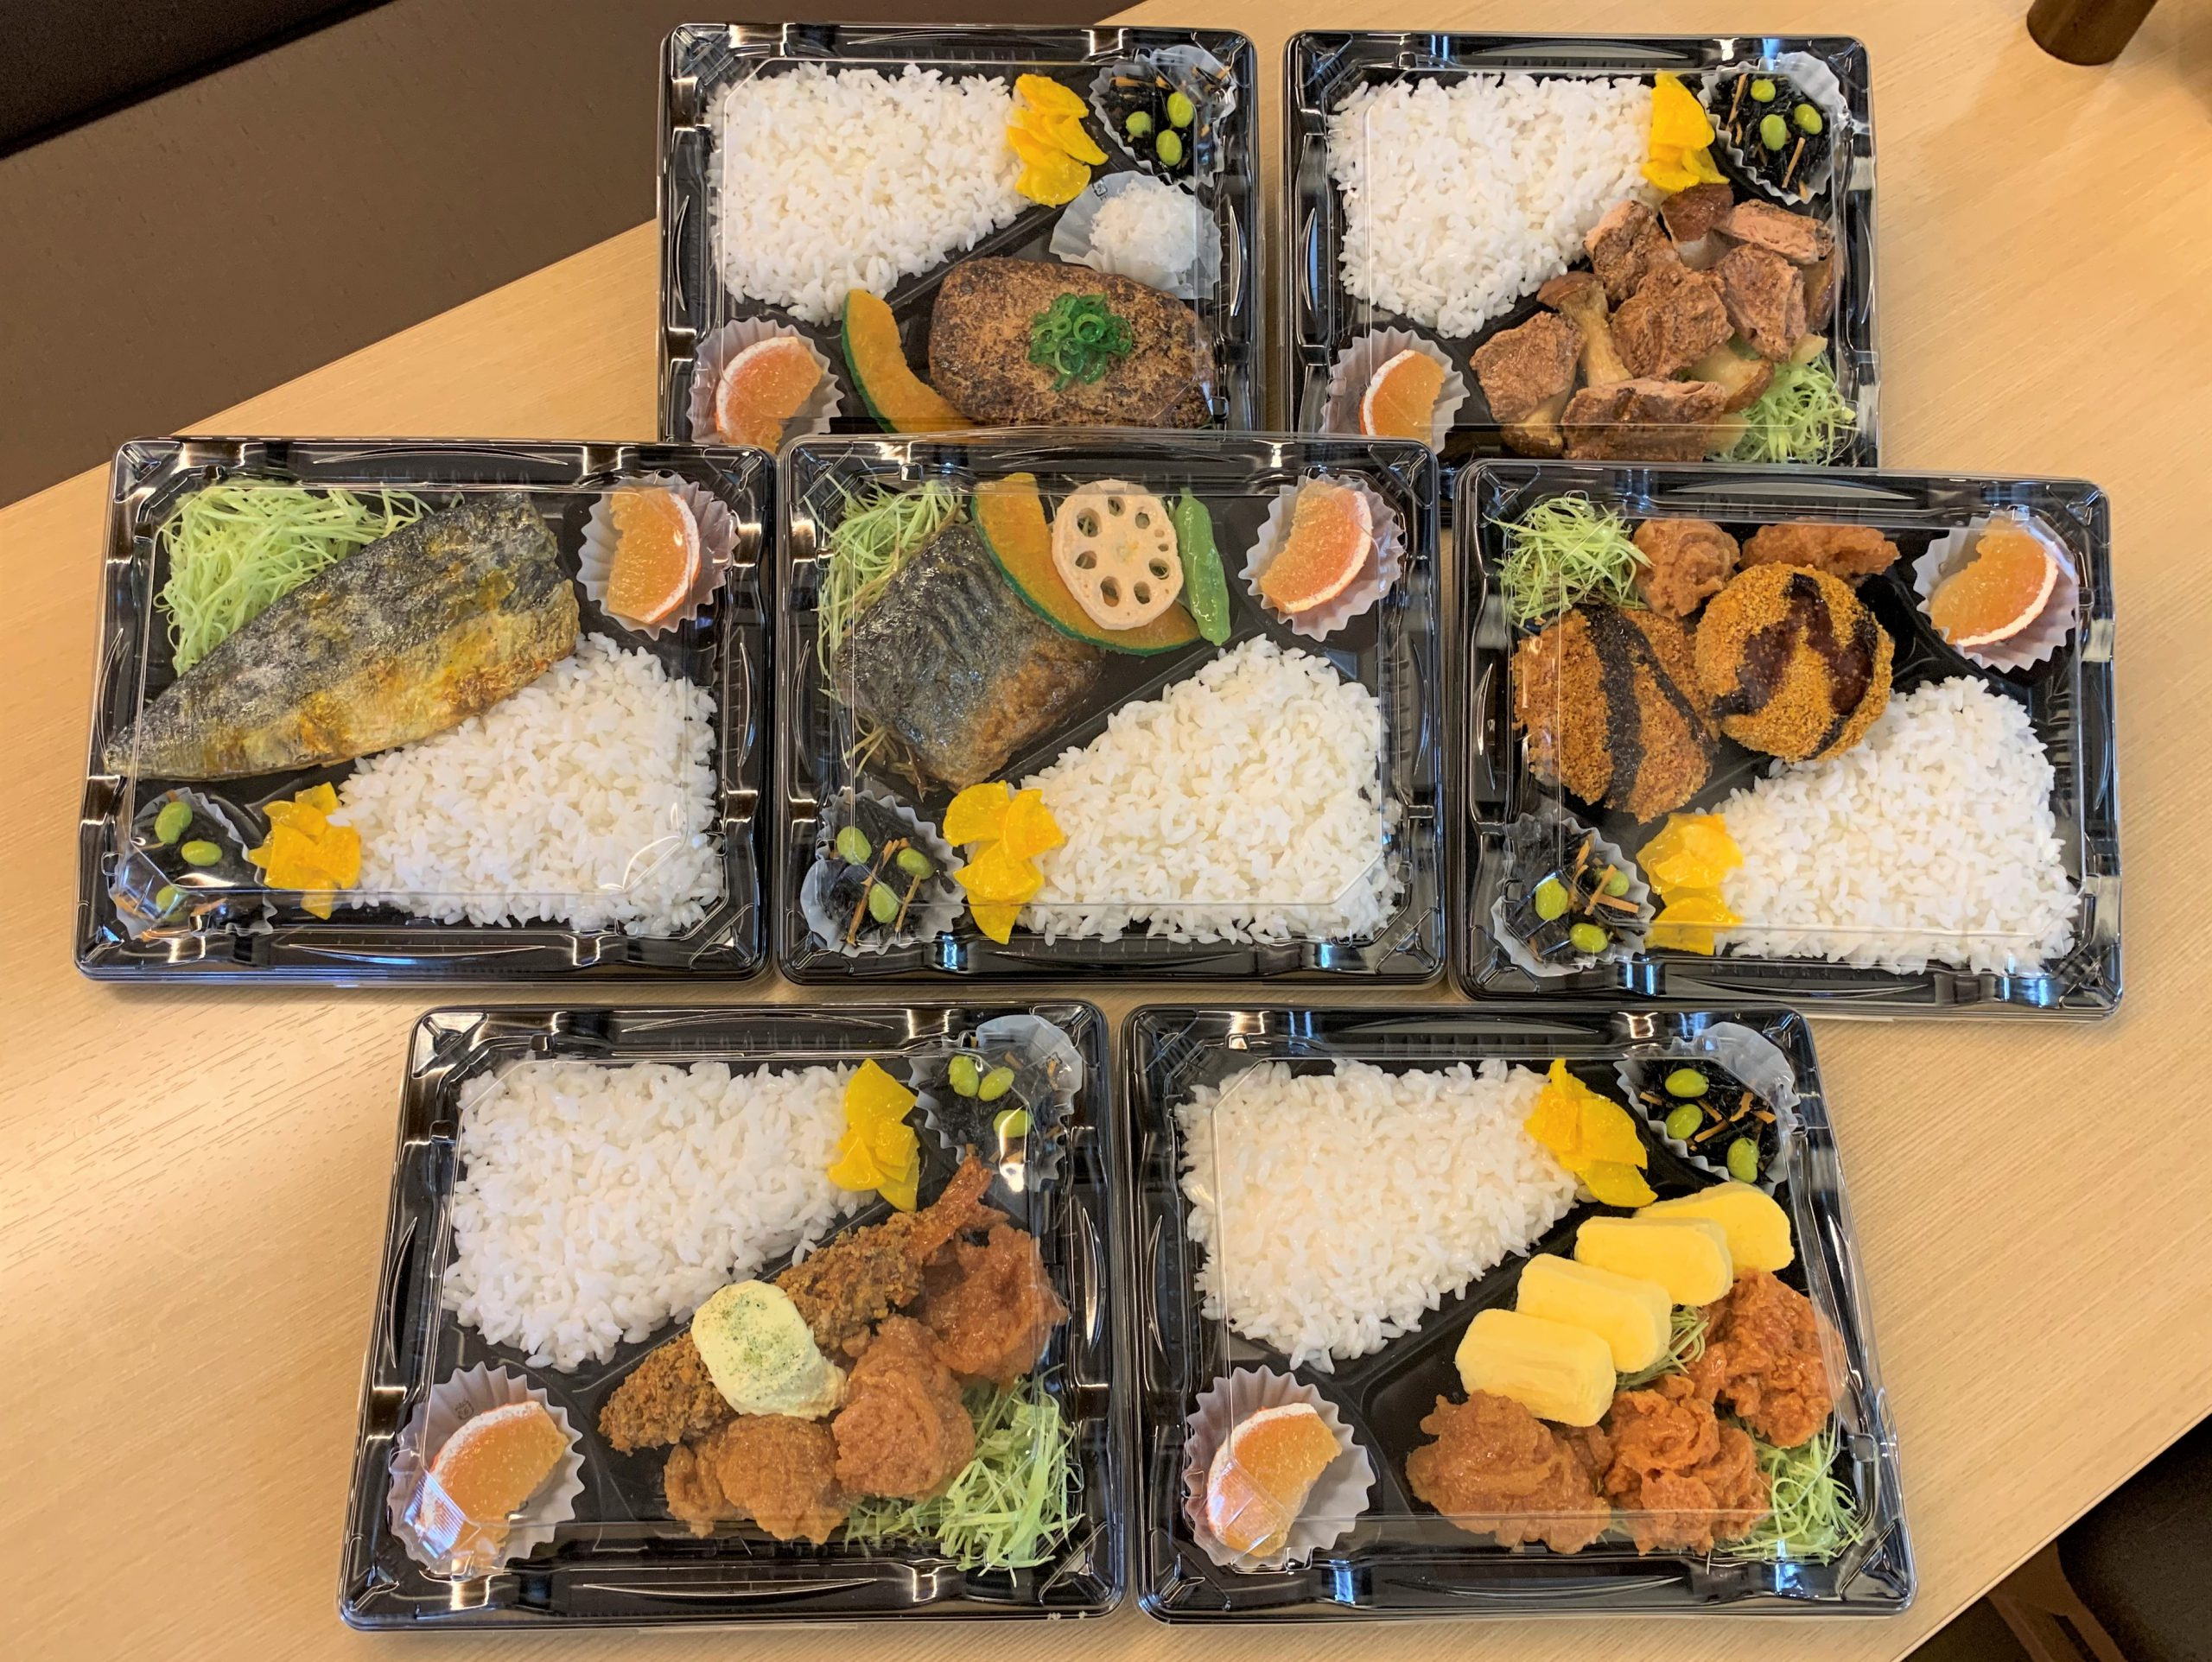 【好評!】税込600円弁当、特製弁当、テイクアウトメニュー